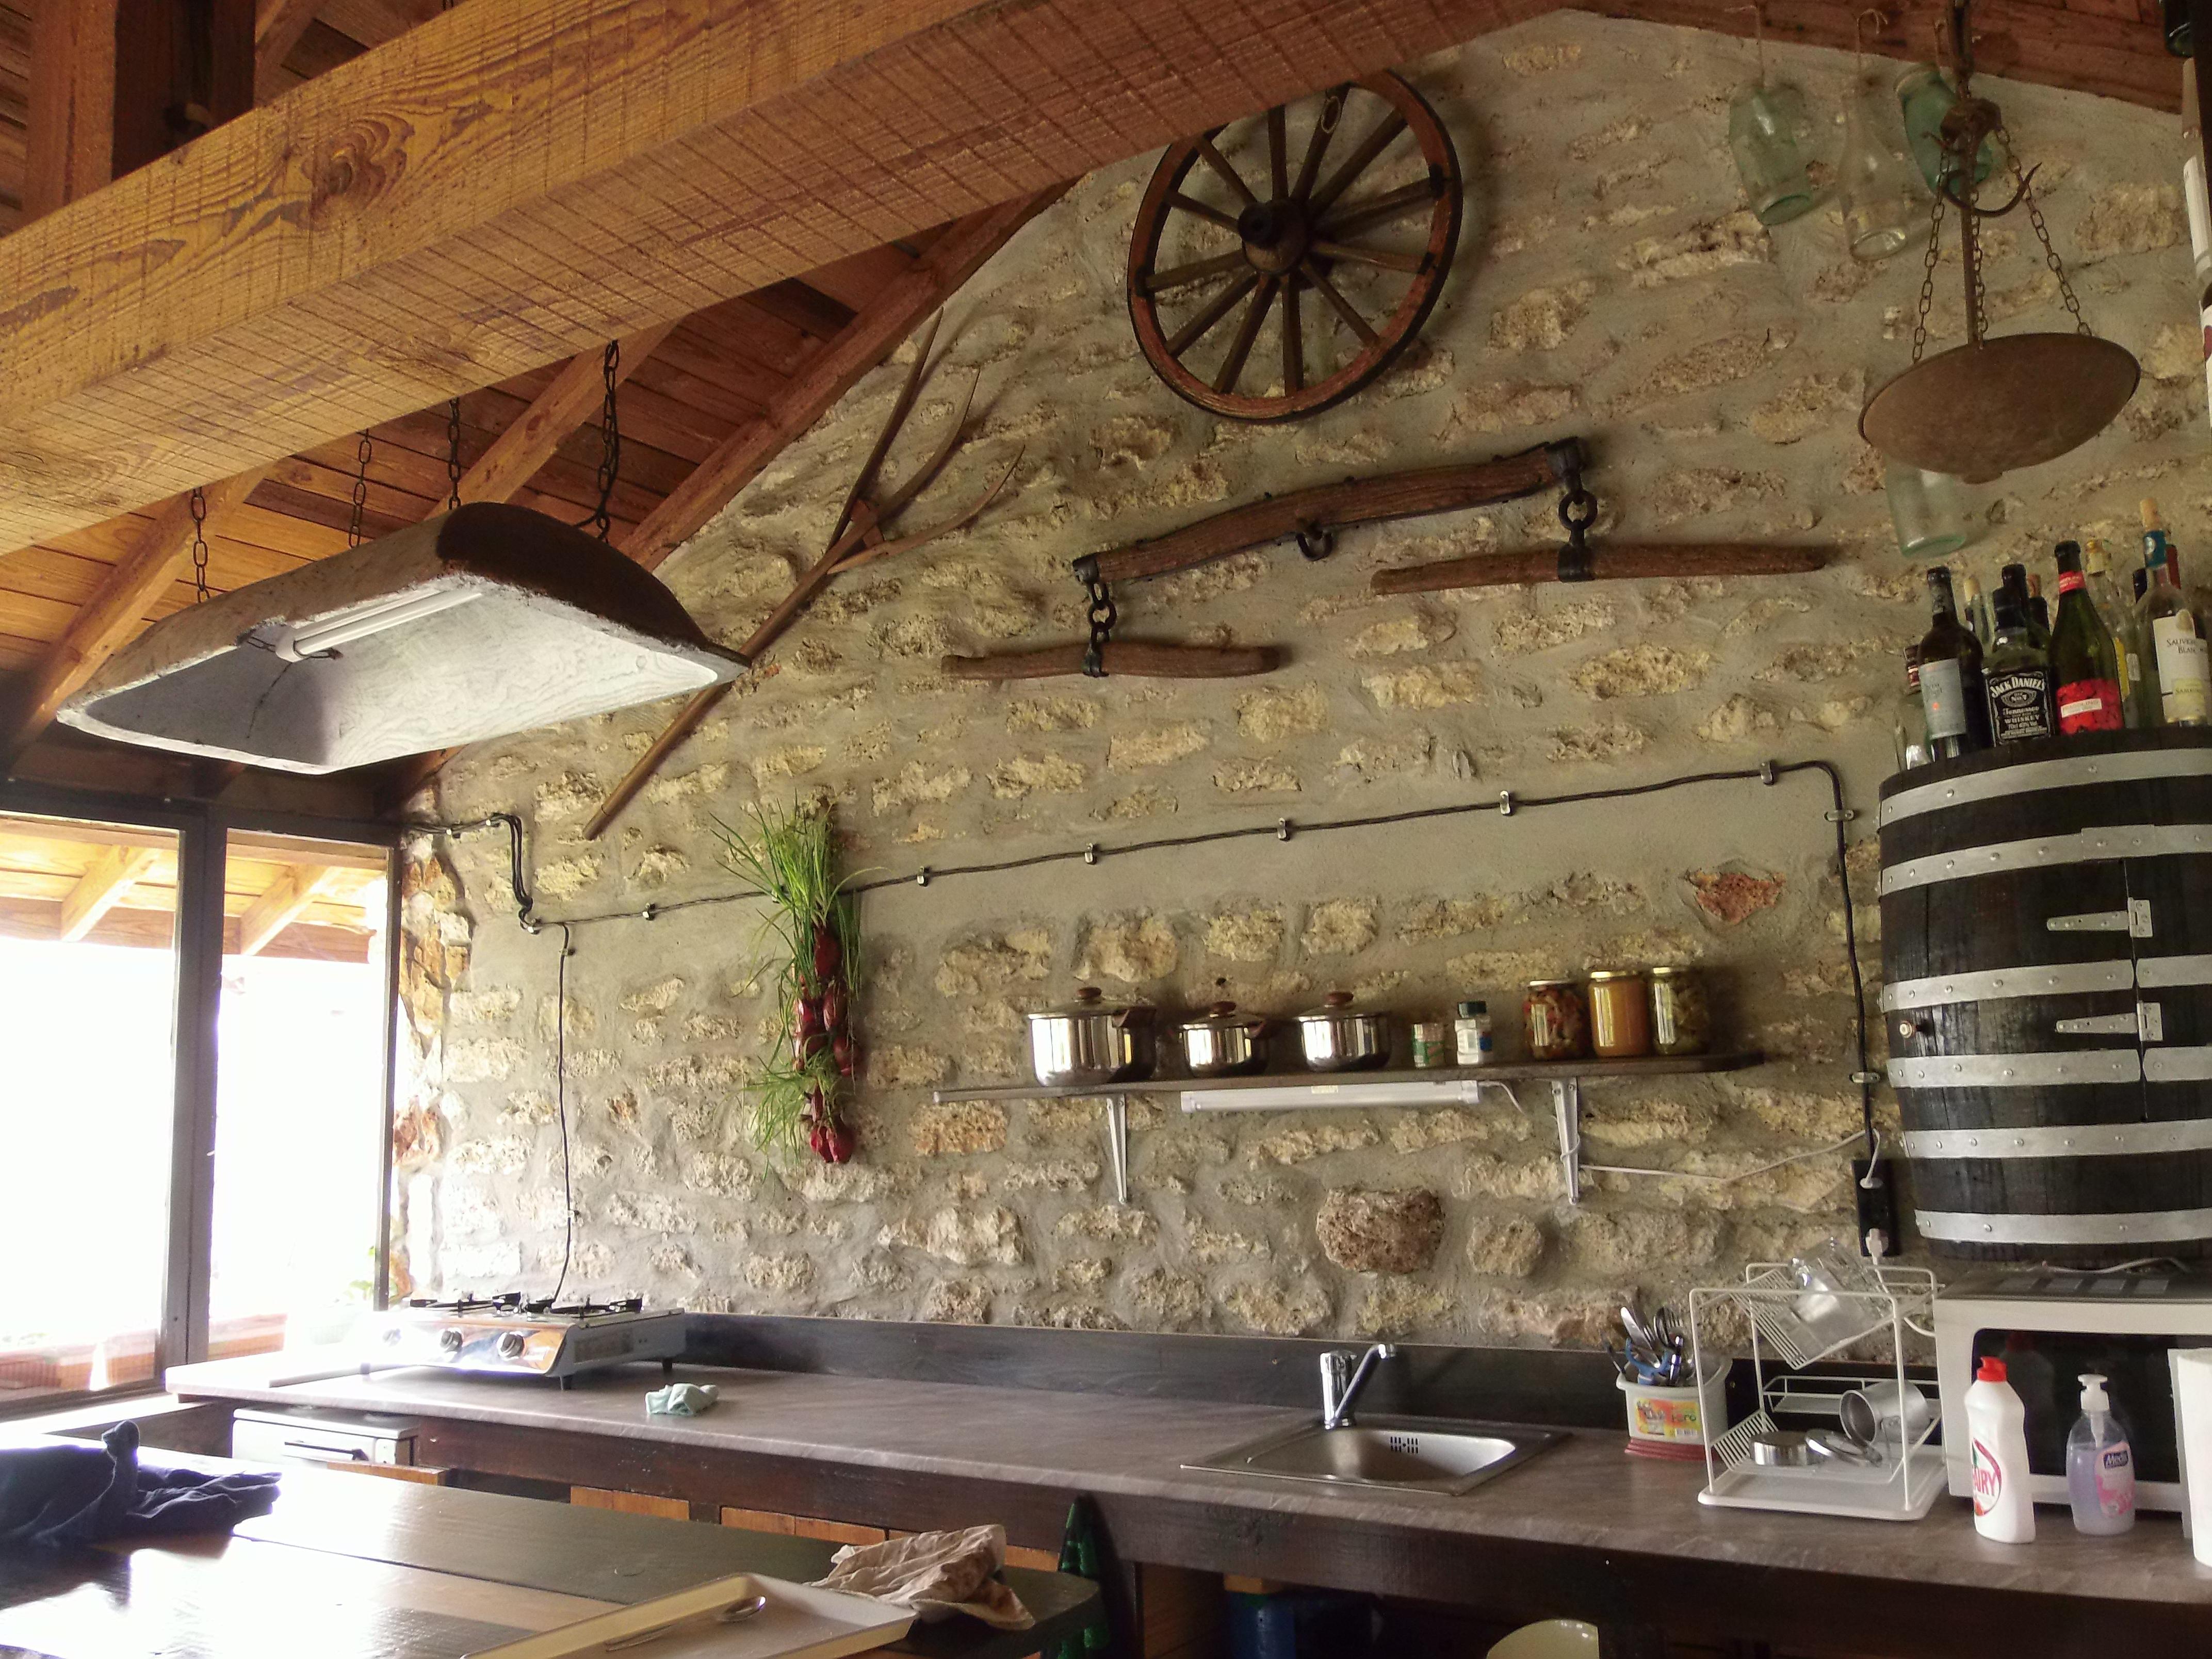 Някогашната плевня днес е част от къщата за гости в с. Българево. Снимка: Велина Барова / species.bluelink.net